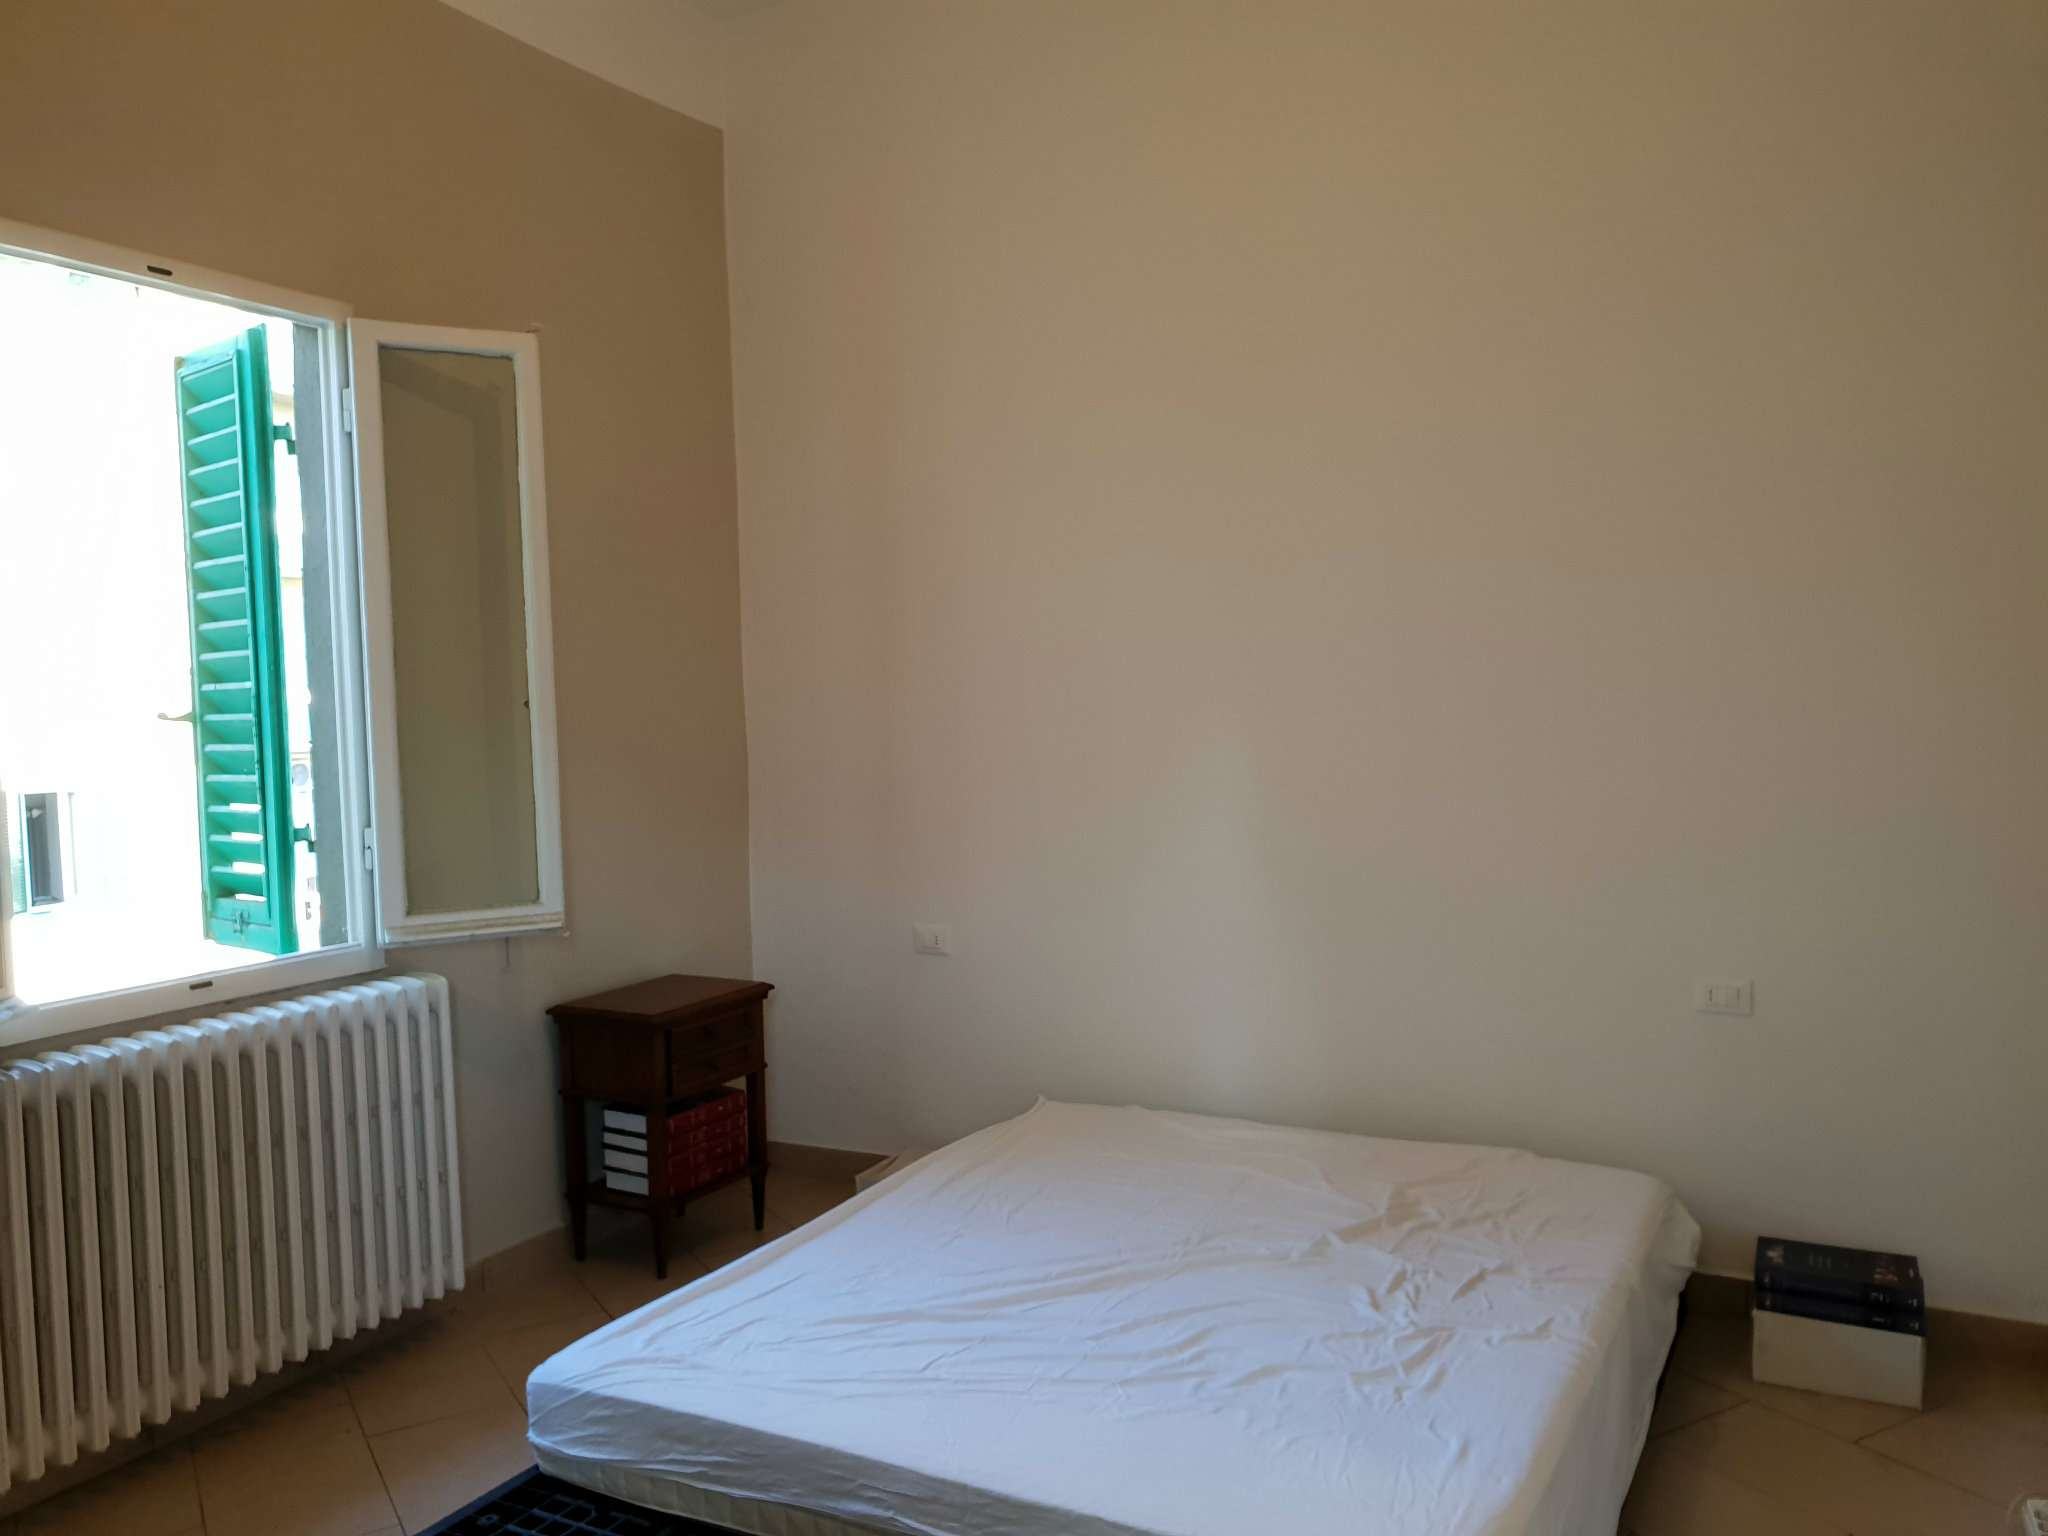 Appartamento ristrutturato in vendita Rif. 8887786